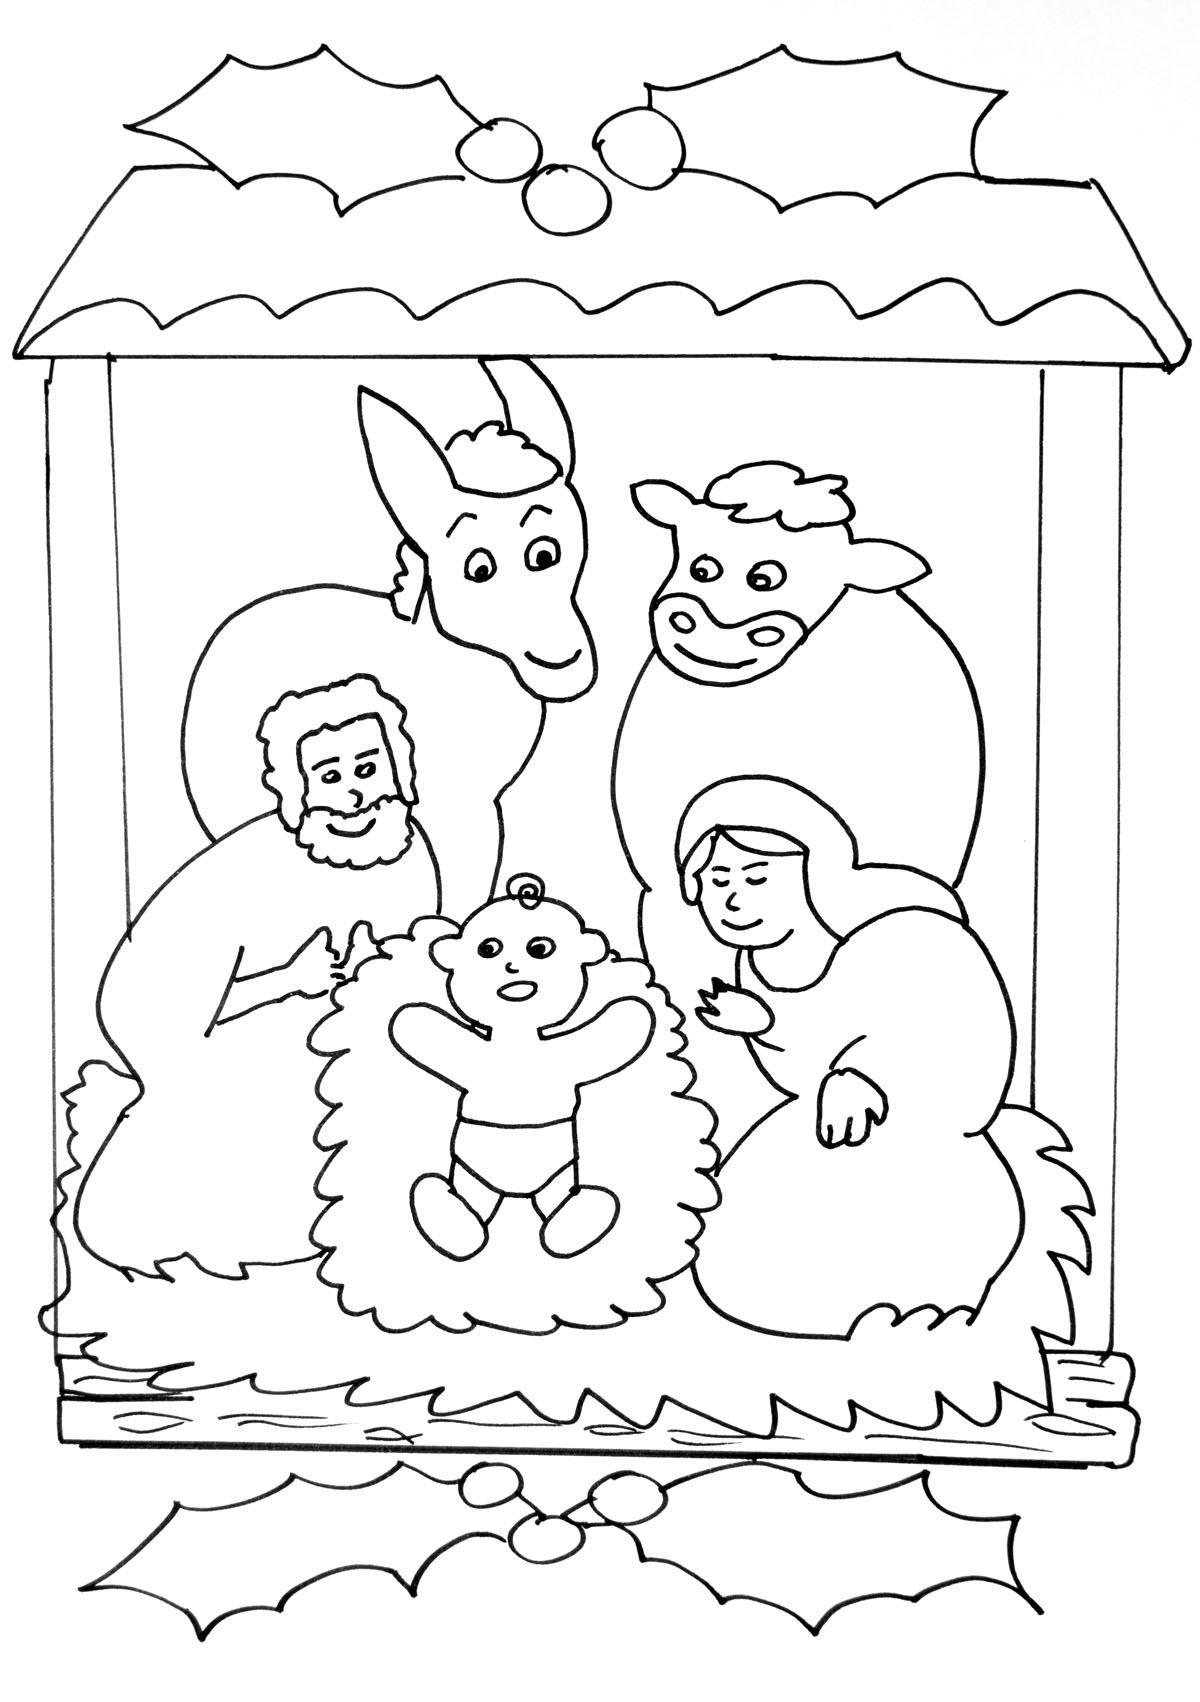 Image de la Crèche de la Nativité à imprimer et colorierA partir de la galerie : Noel